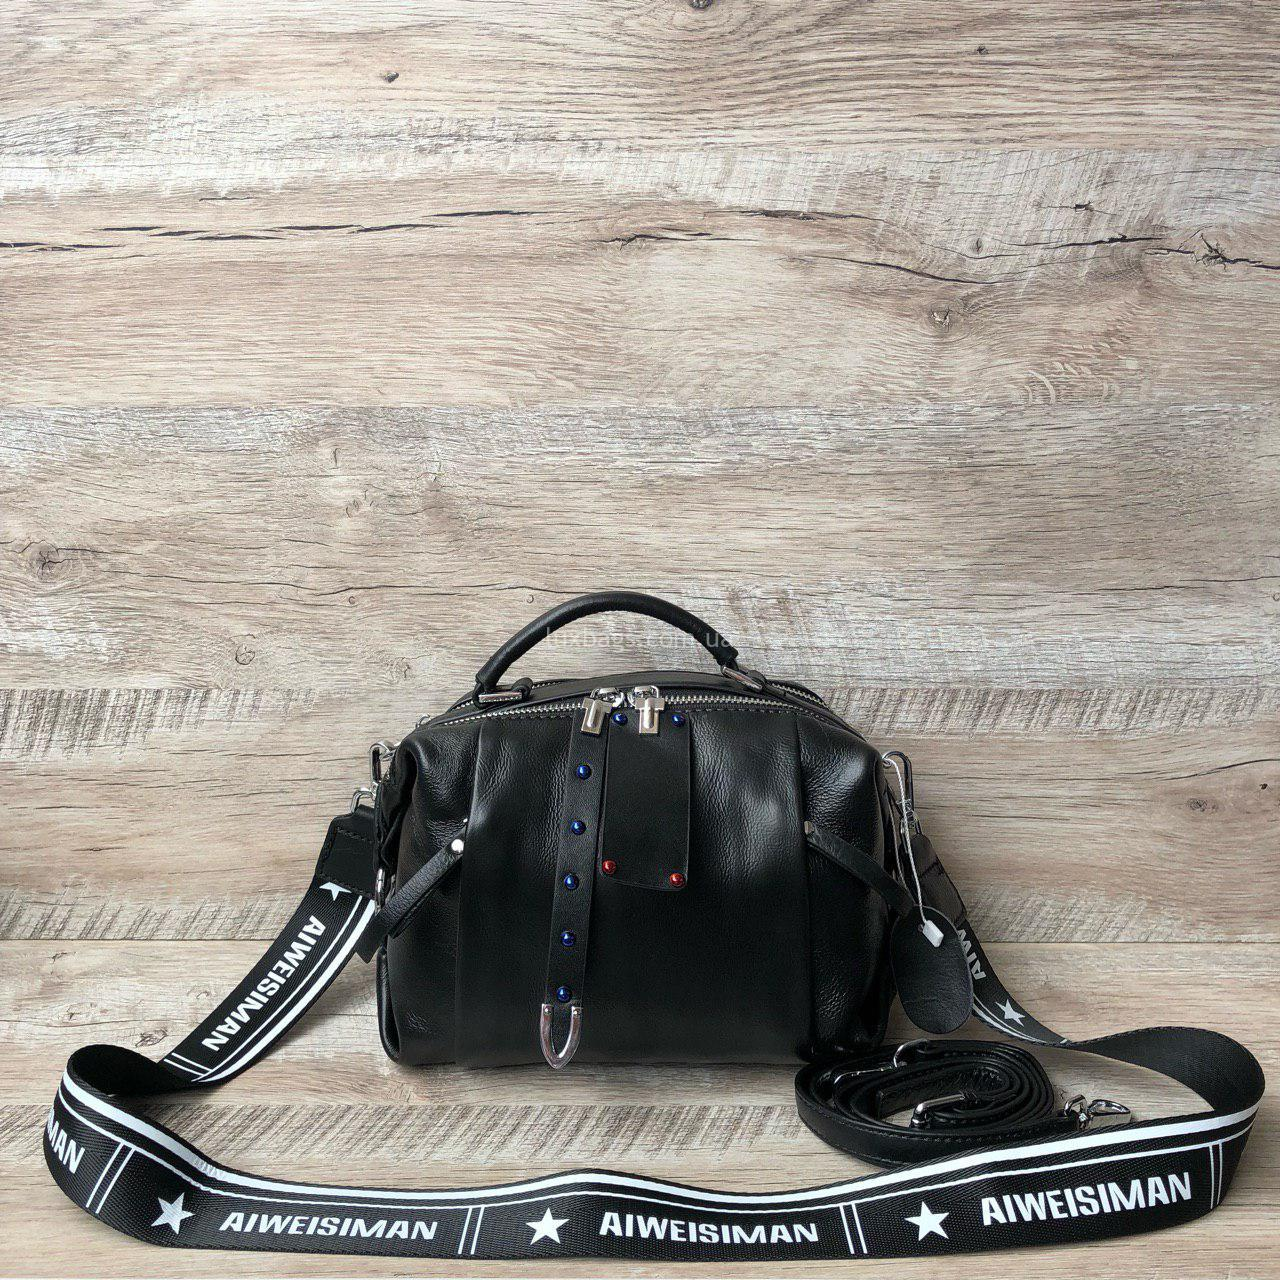 751674689ac7 Кожаная женская сумка с короткой ручкой купить на lux-bags